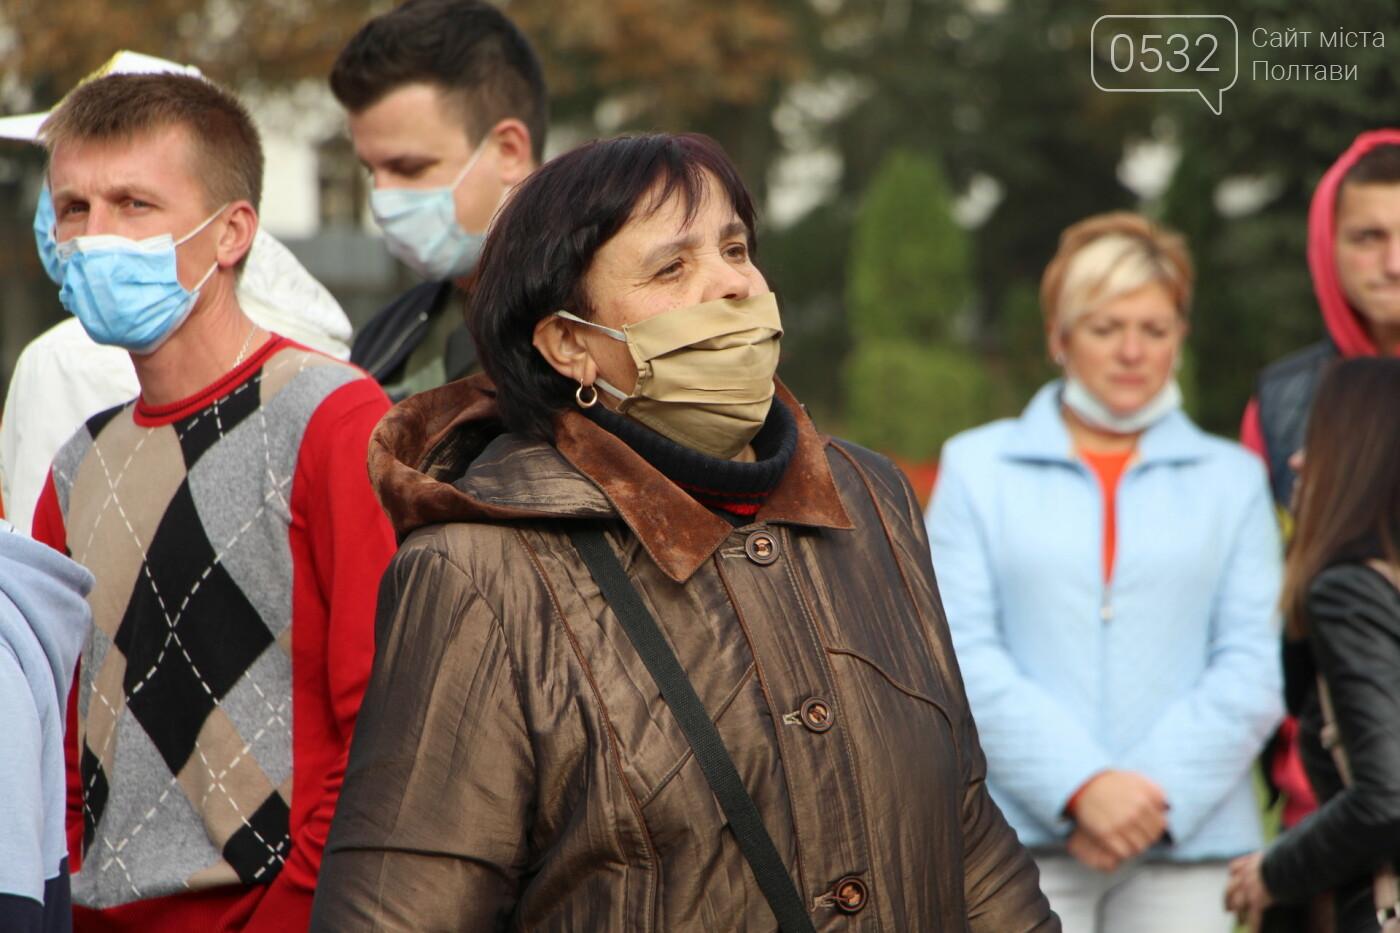 """Полтава вийшла проти """"червоної"""" зони: скільки людей і чого вимагають (ФОТОРЕПОРТАЖ), фото-4"""